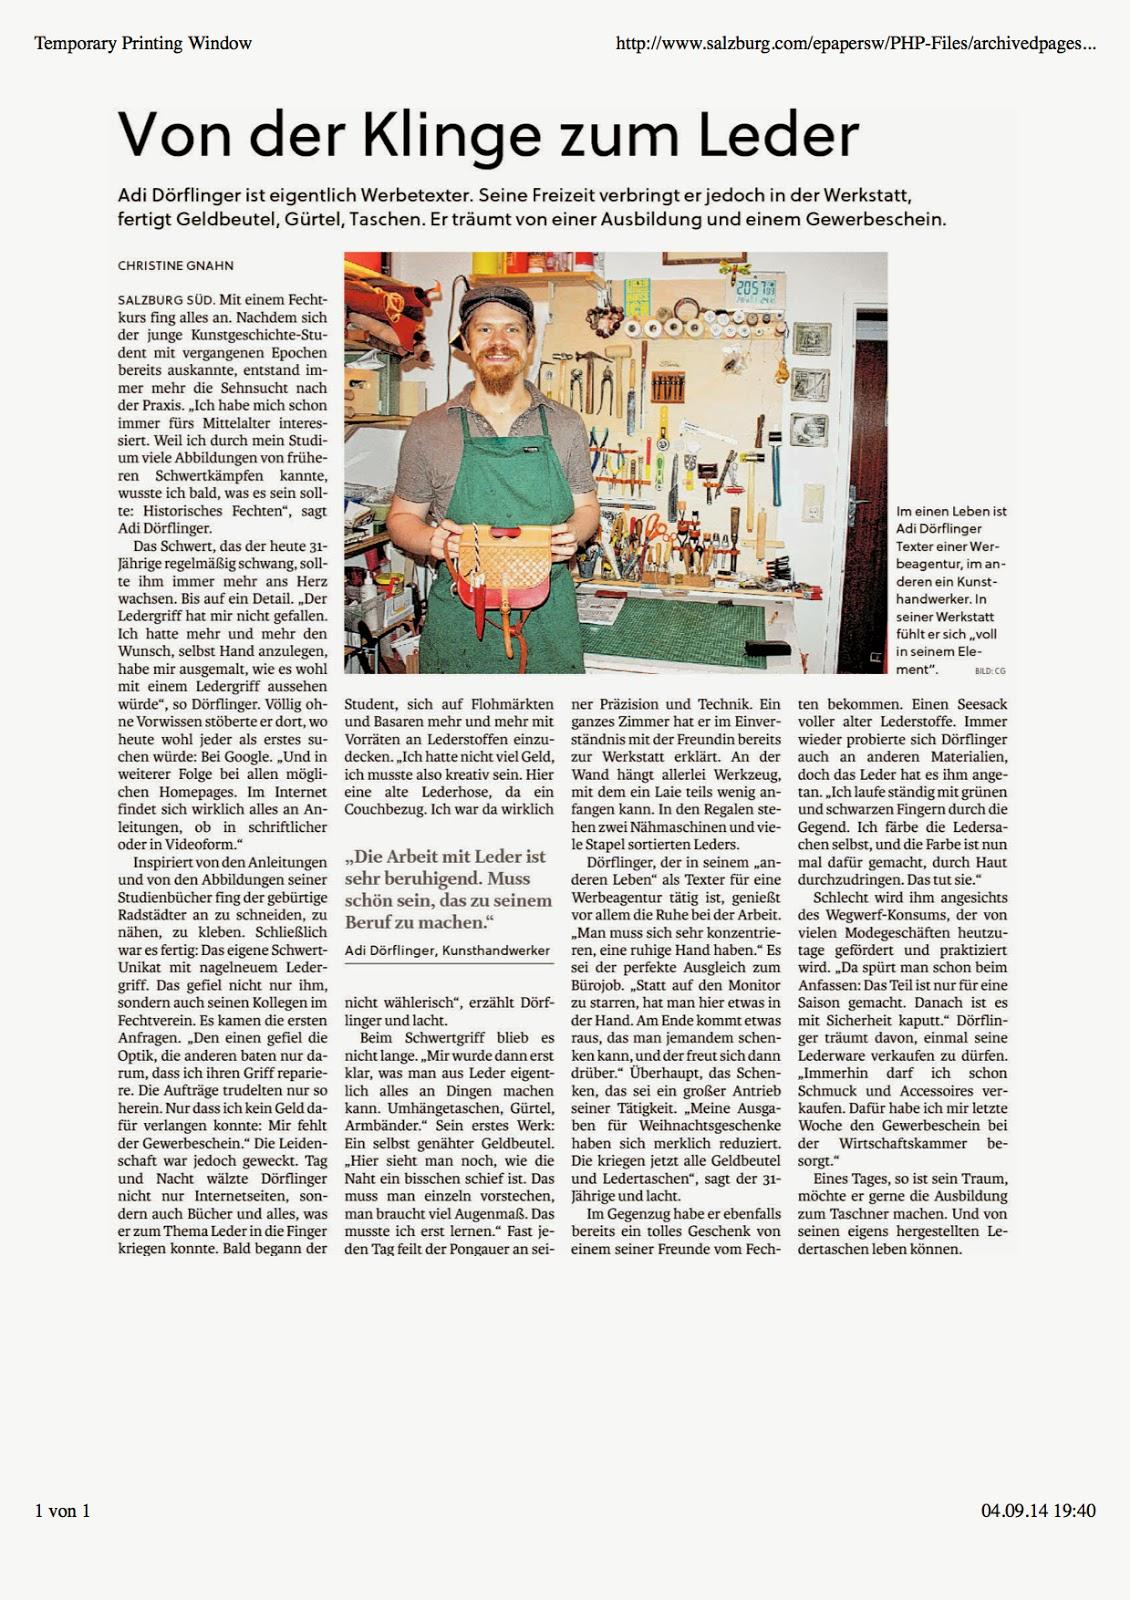 Adi Dörflinger in den Salzburger Stadtnachrichten